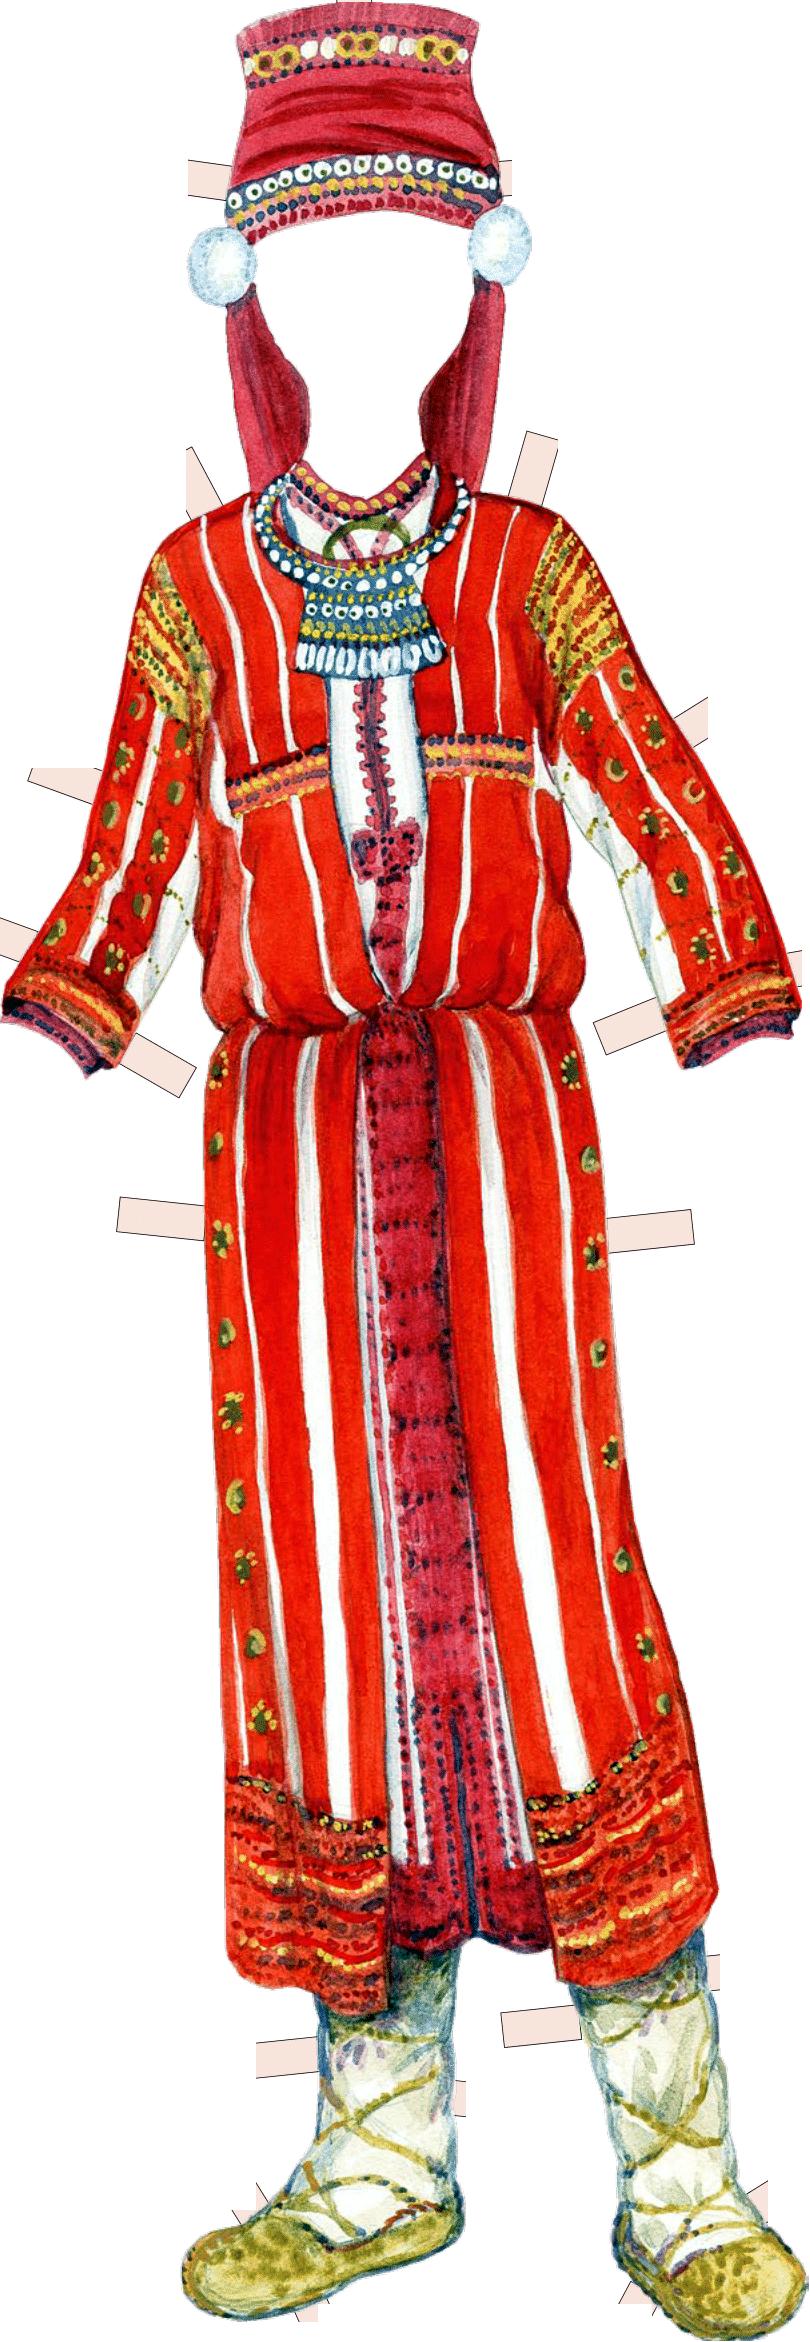 Костюм невесты-эрзянки. Конец XIX в. Пензенская губерния, Городищенский уезд, с. Ега.